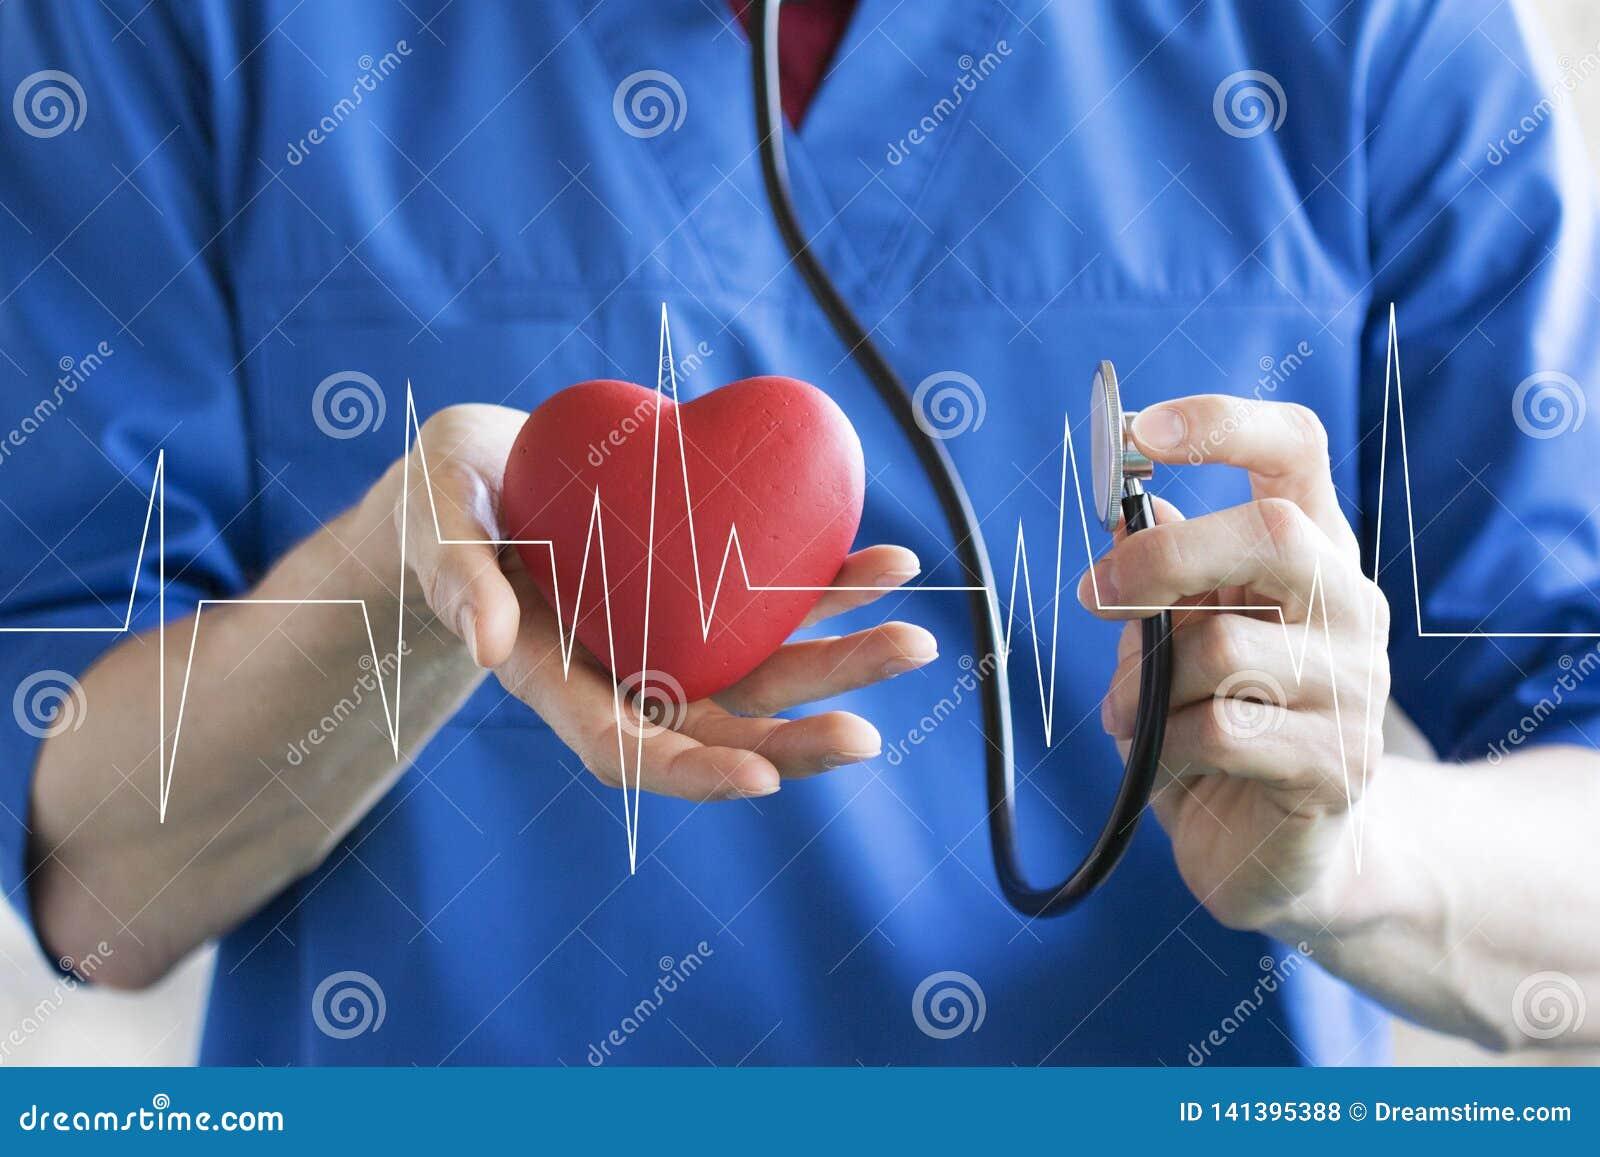 Atención sanitaria del pulso del corazón del botón que empuja del doctor en medicina virtual del panel de Internet